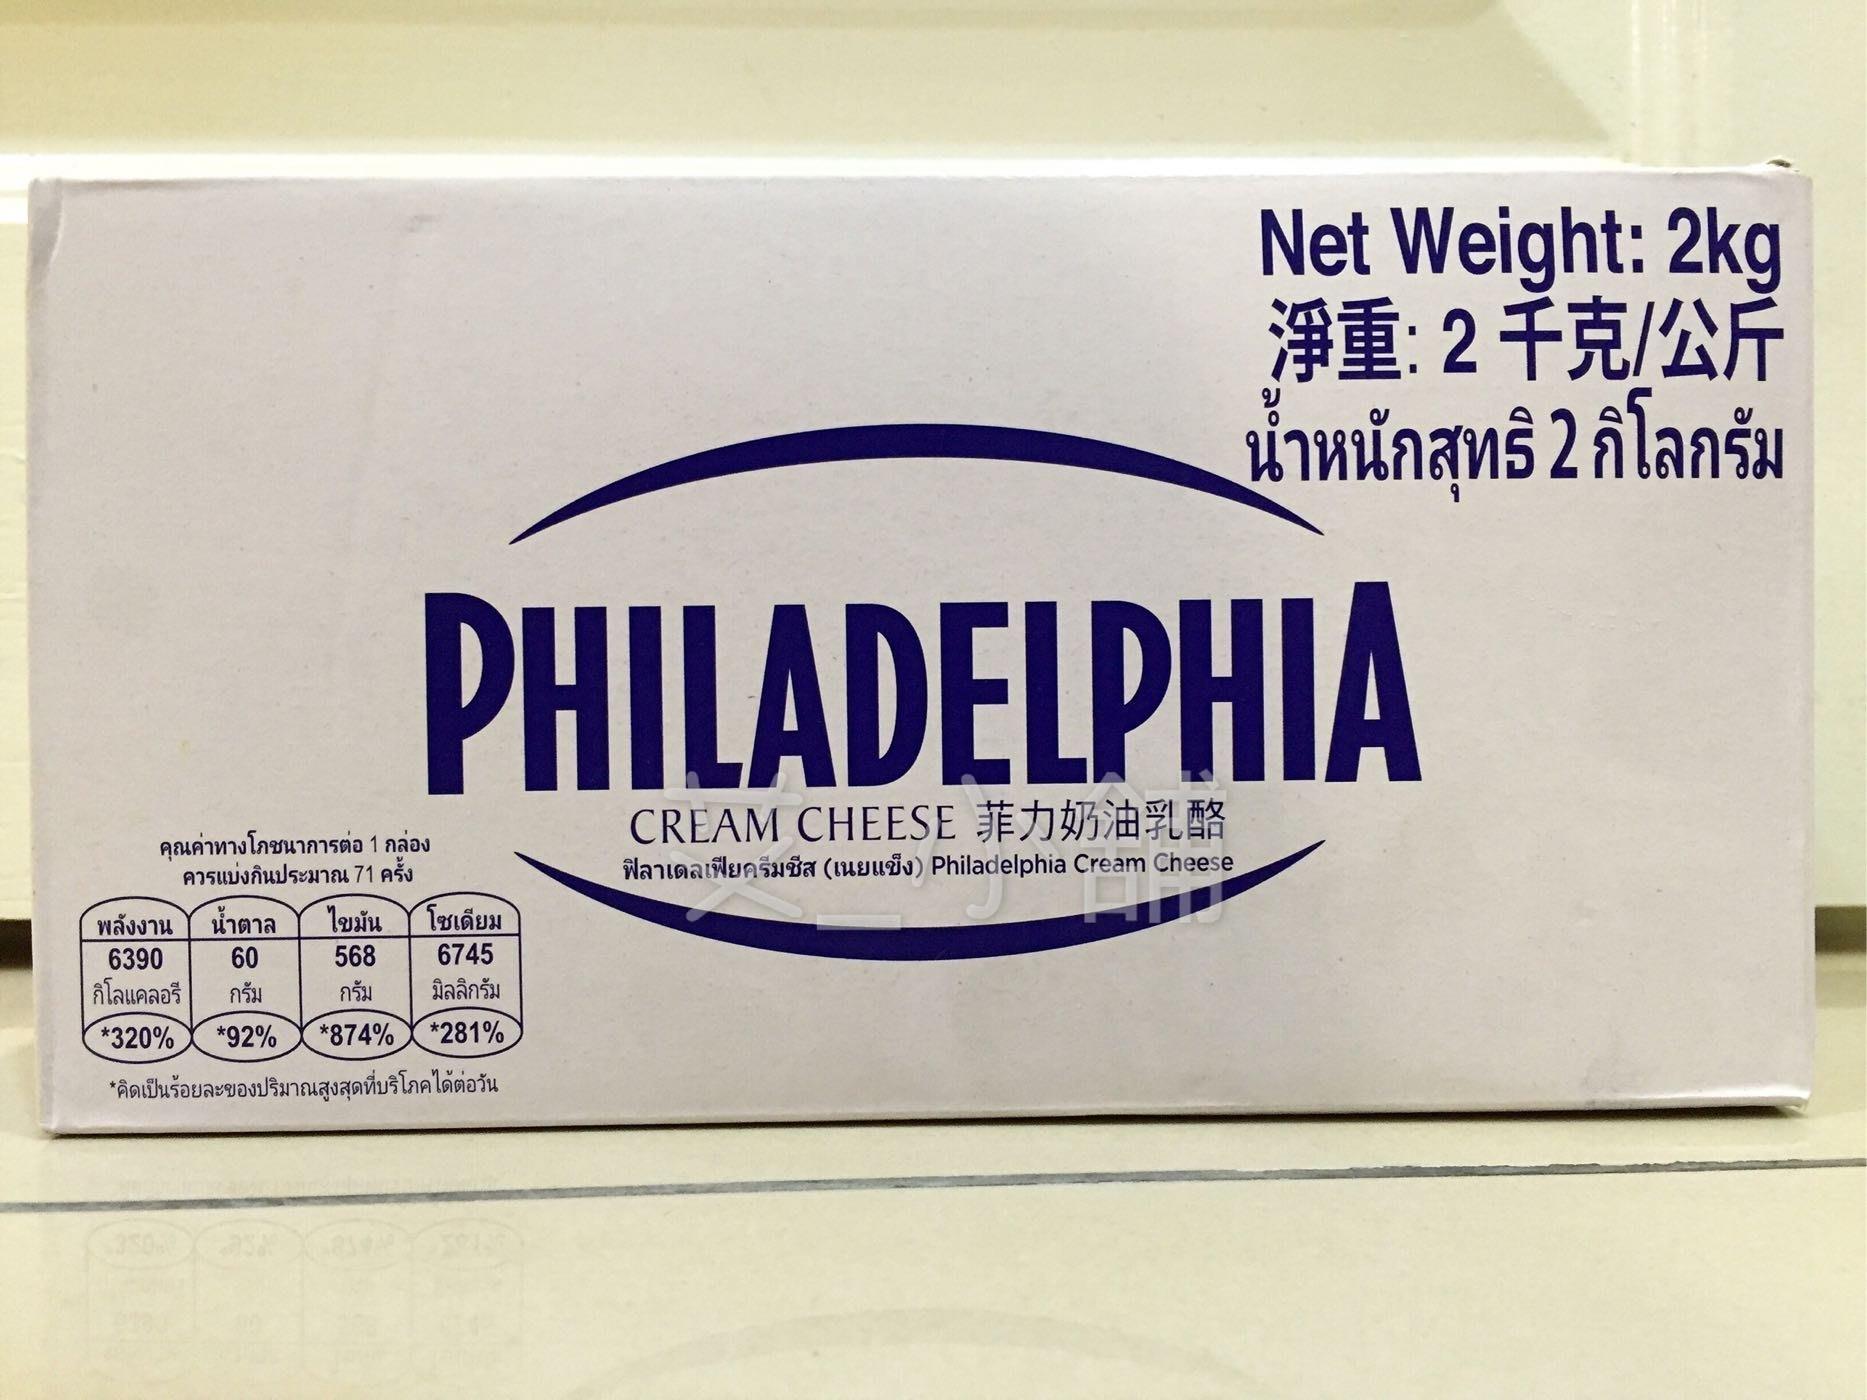 卡夫菲力奶油乳酪/2kg